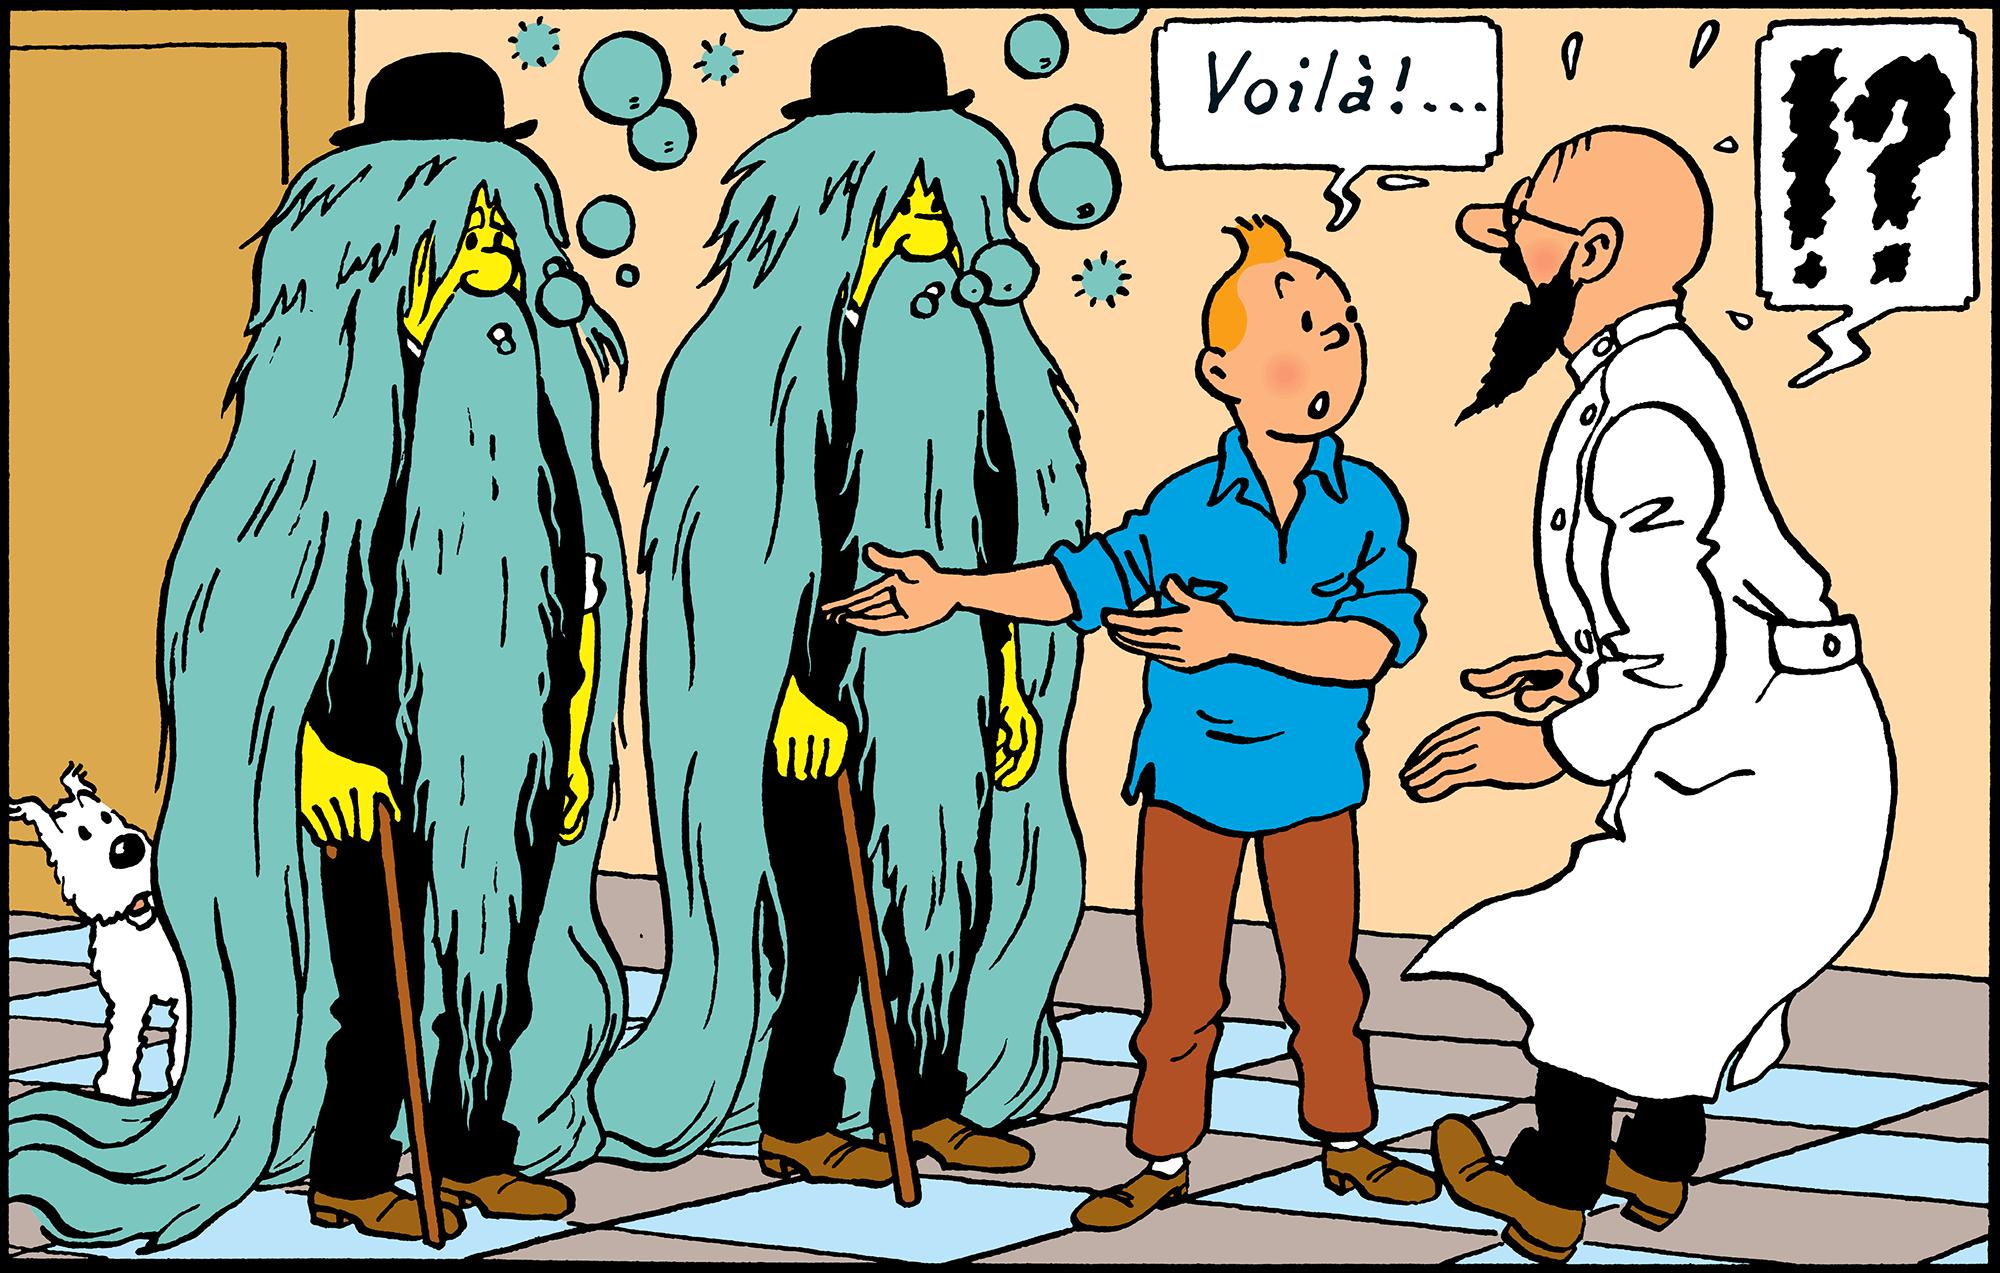 Les Dupondt cheveux longs dans Tintin au pays de l'or noir